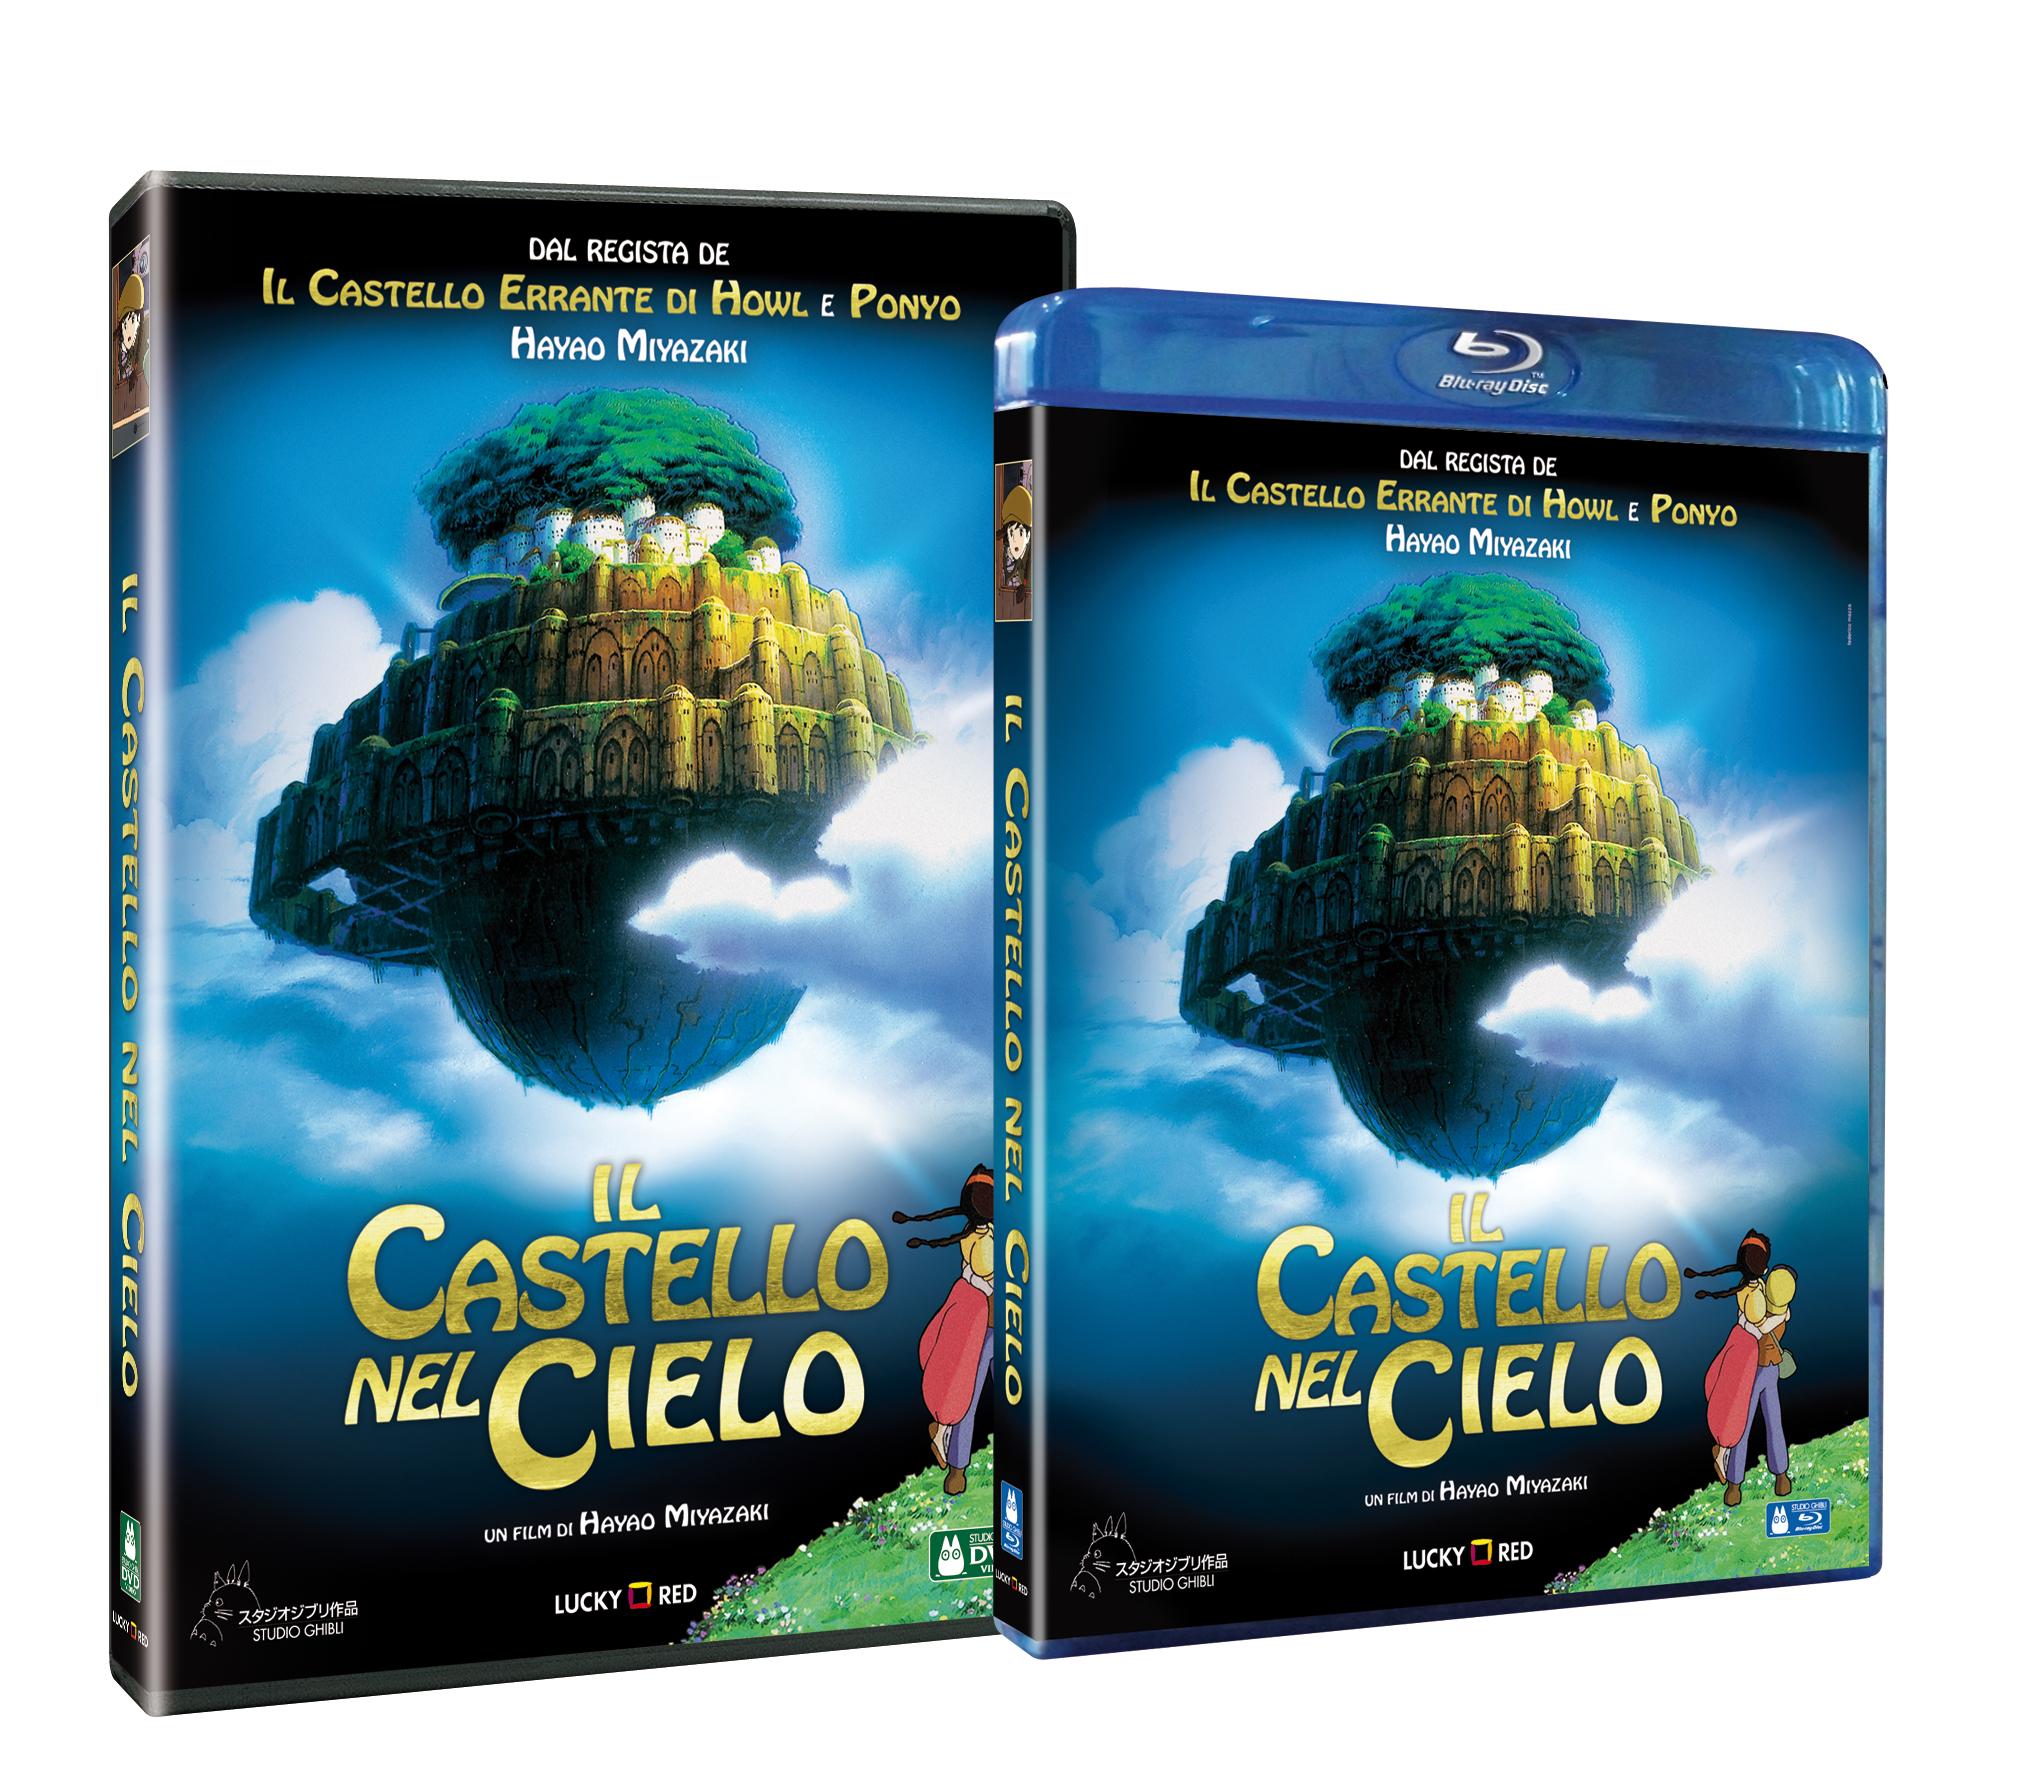 Castello nel cielo dvd e blu-ray